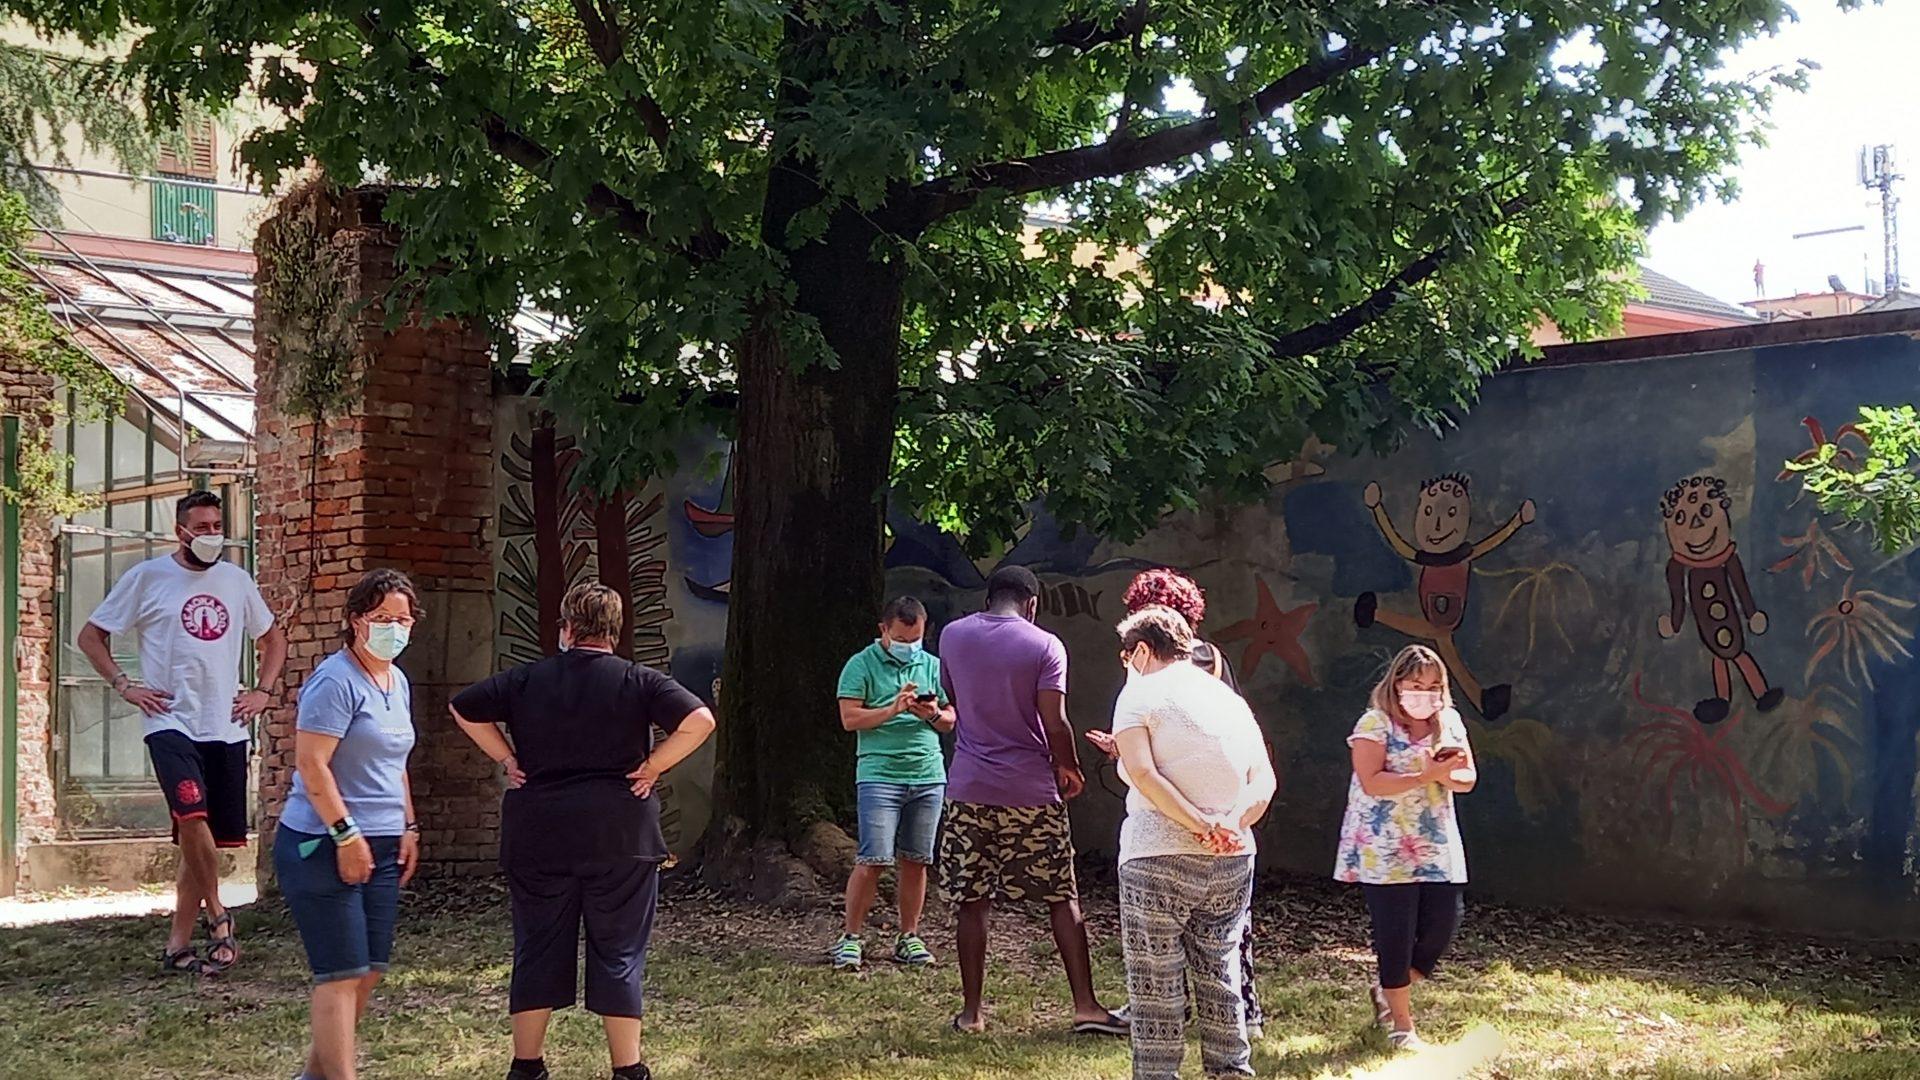 La street art inclusiva racconta la storia di un gioiello di Cremona